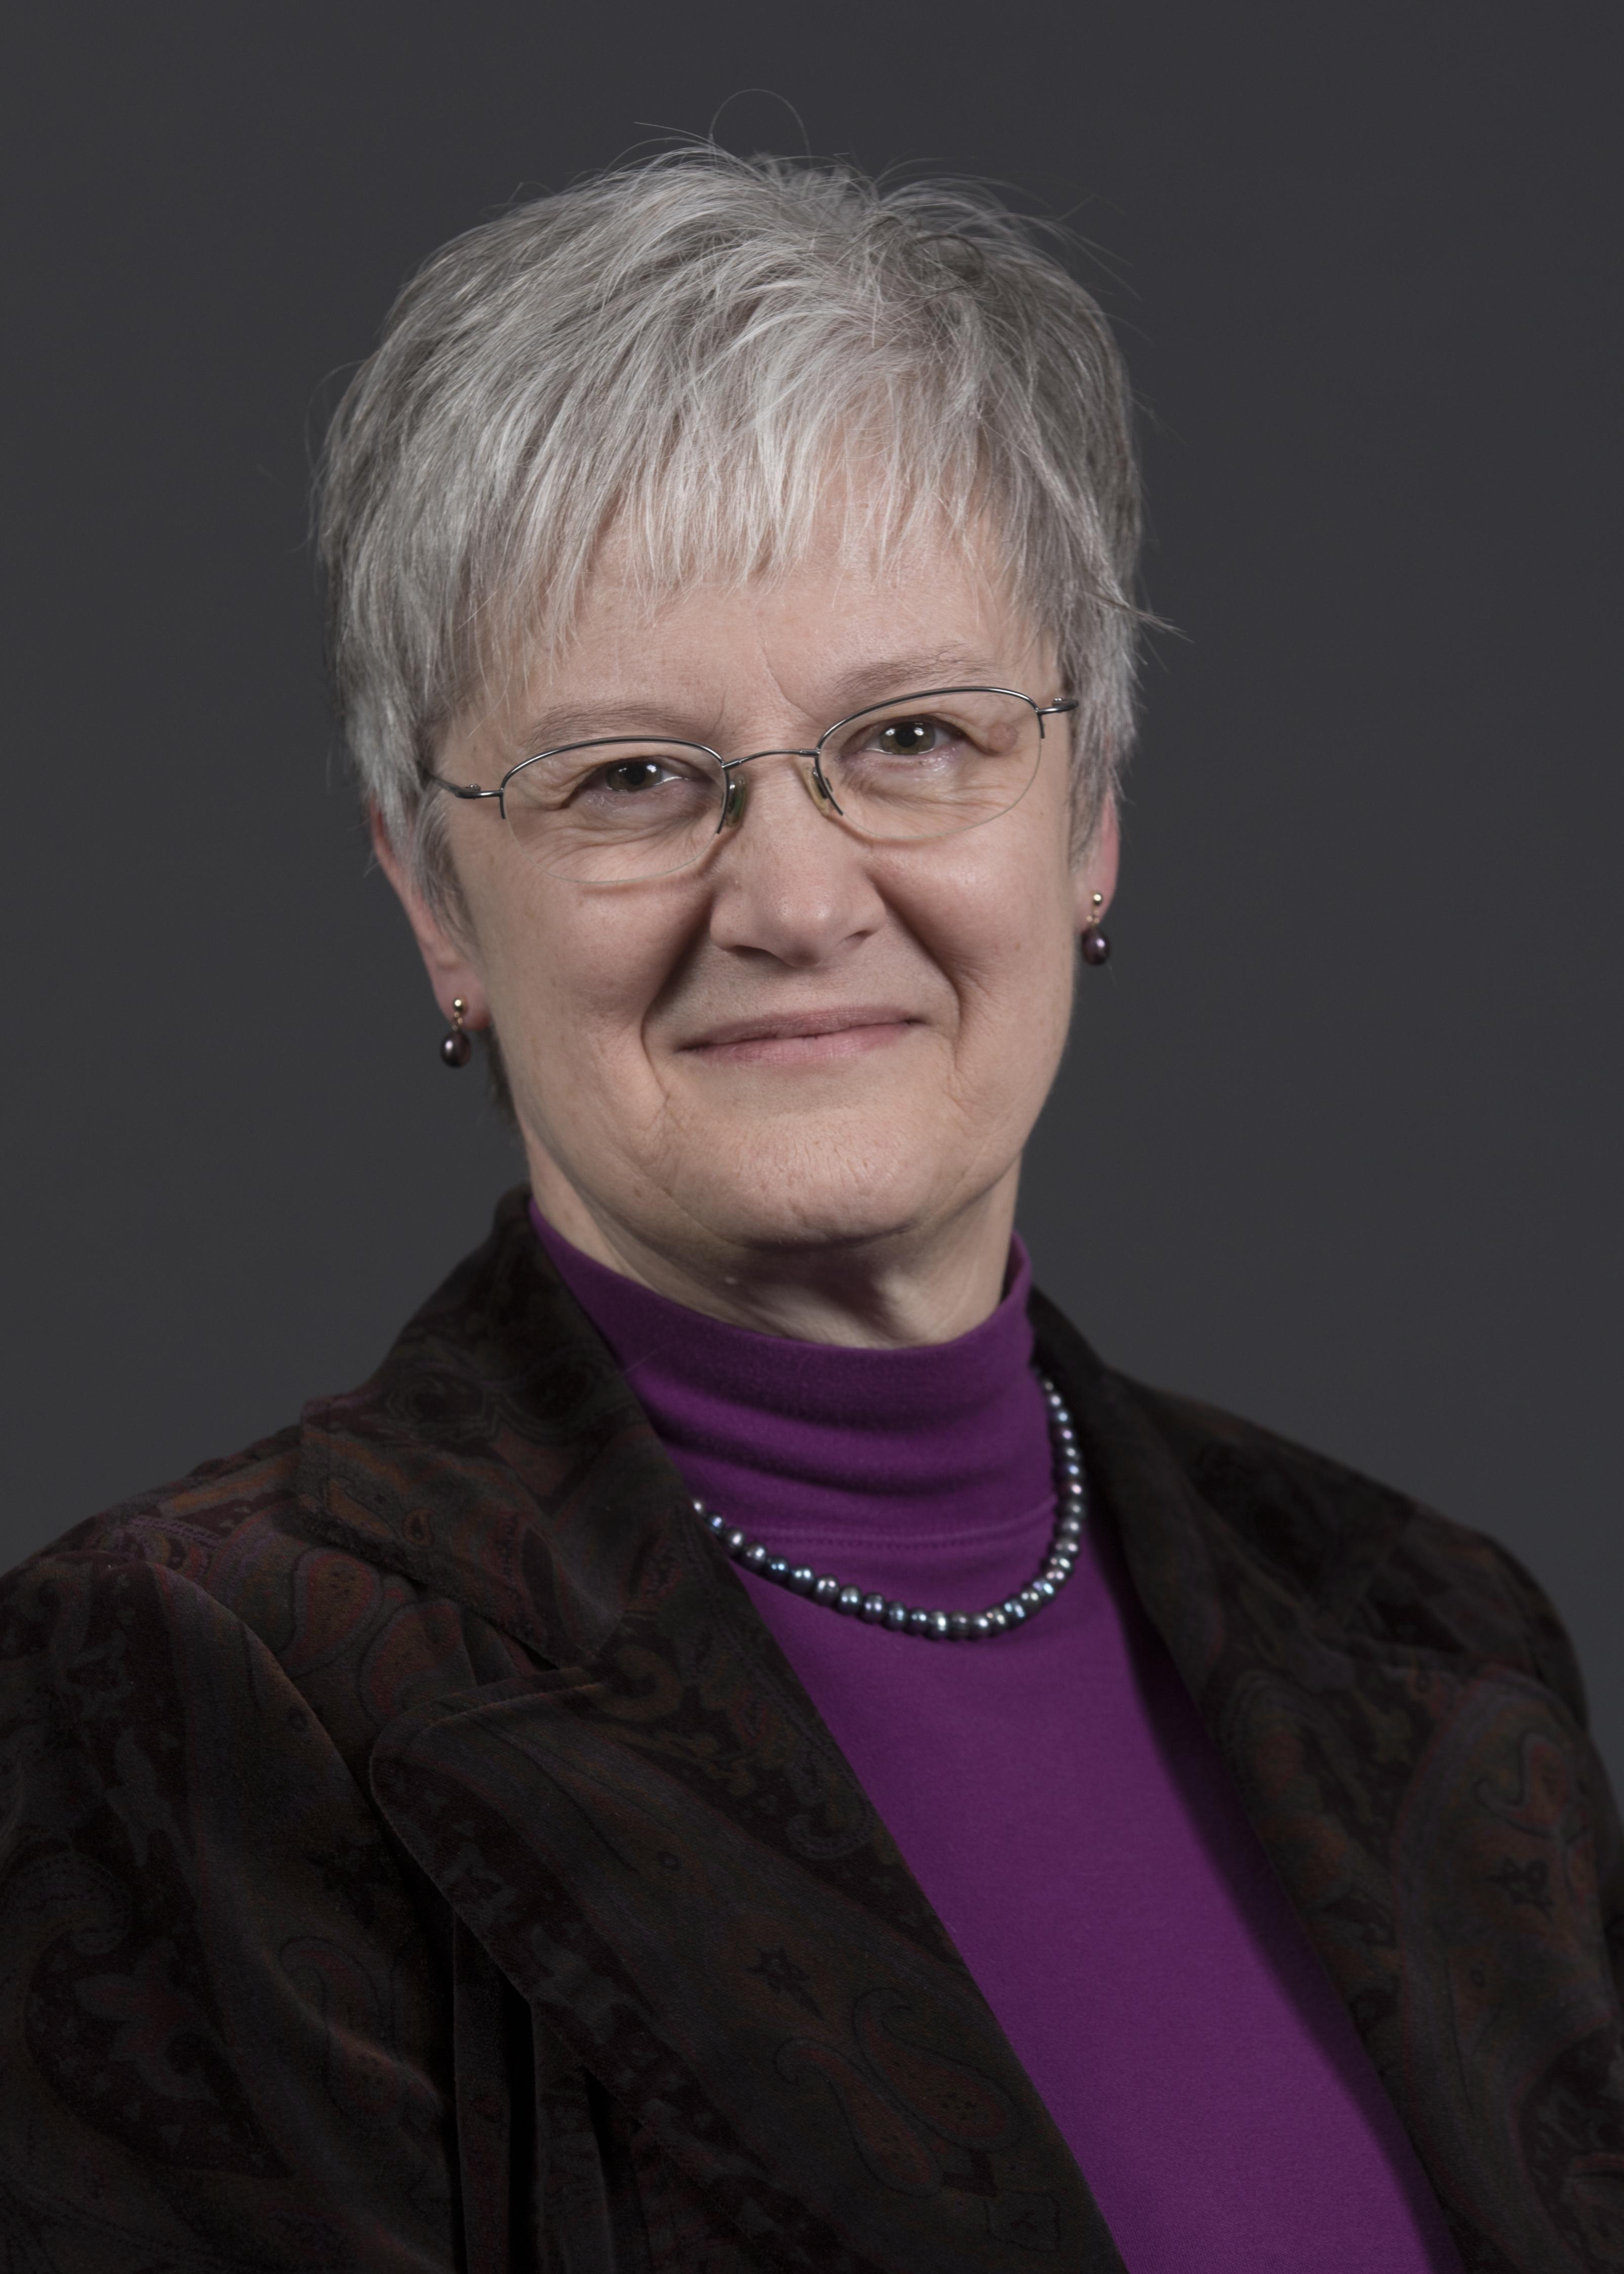 Visit Profile of Leslie S. Gertsch